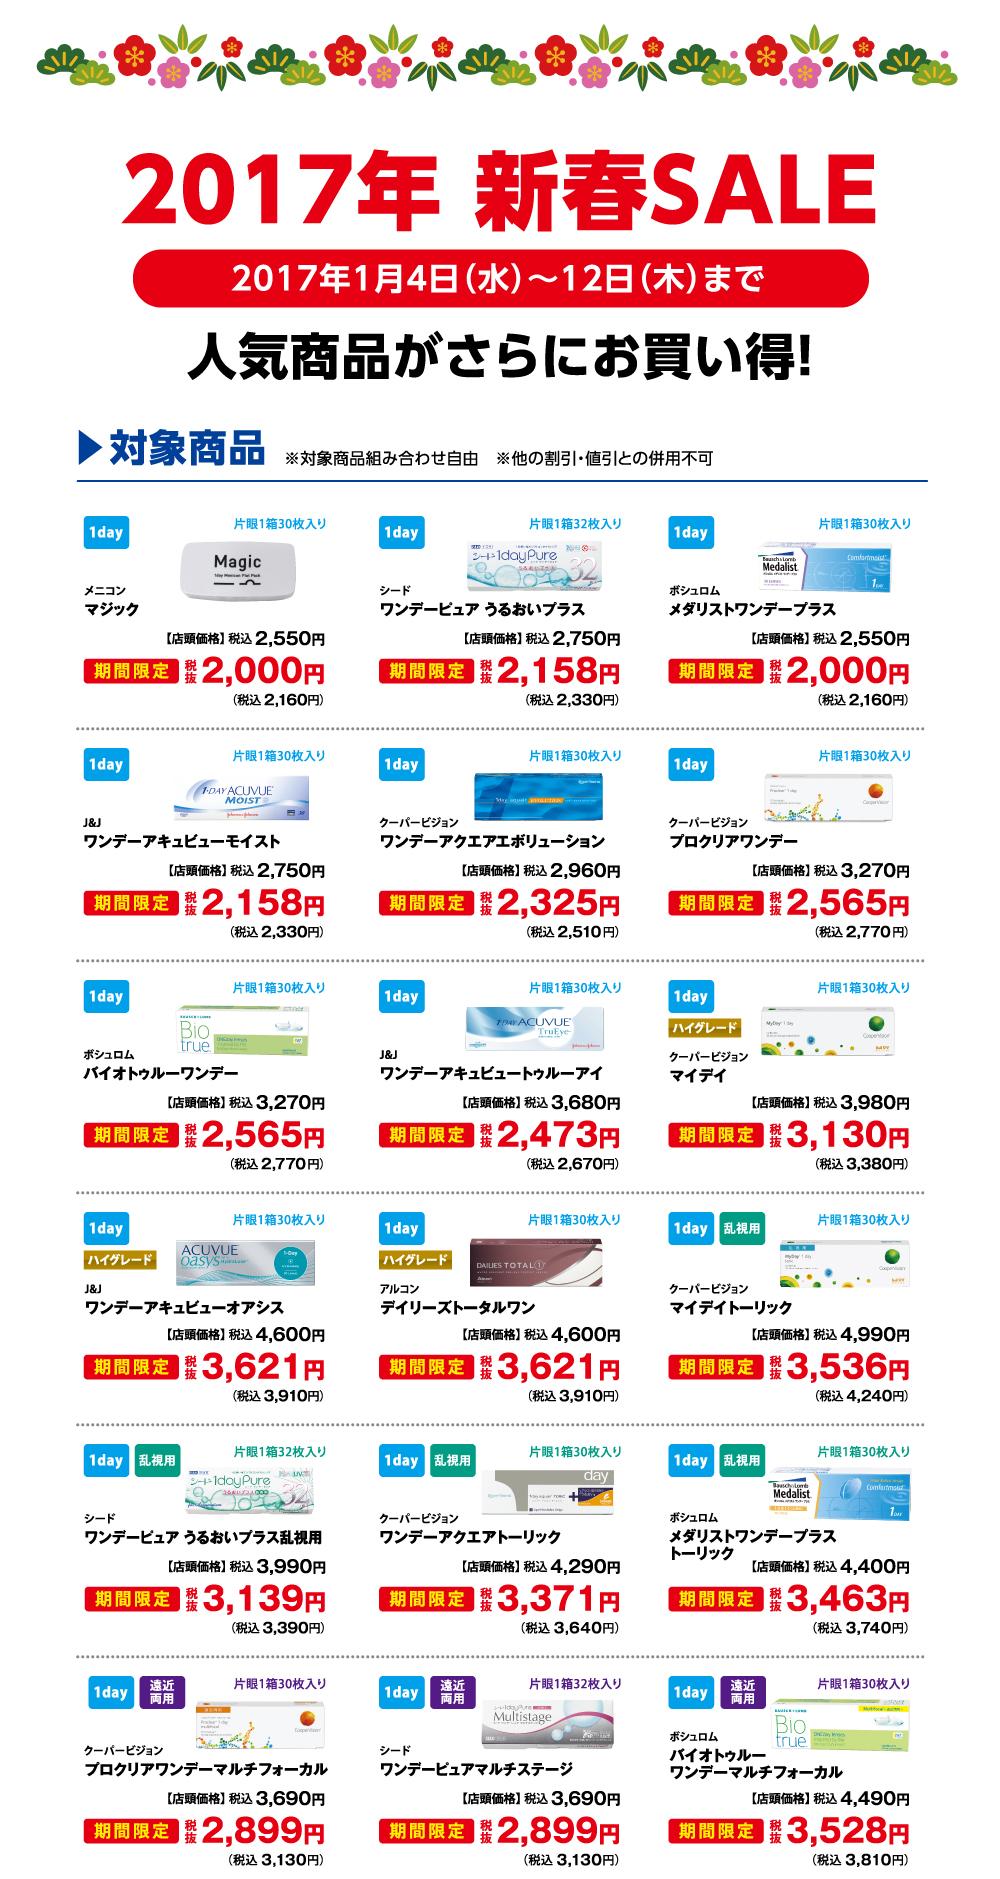 sale1701_item01